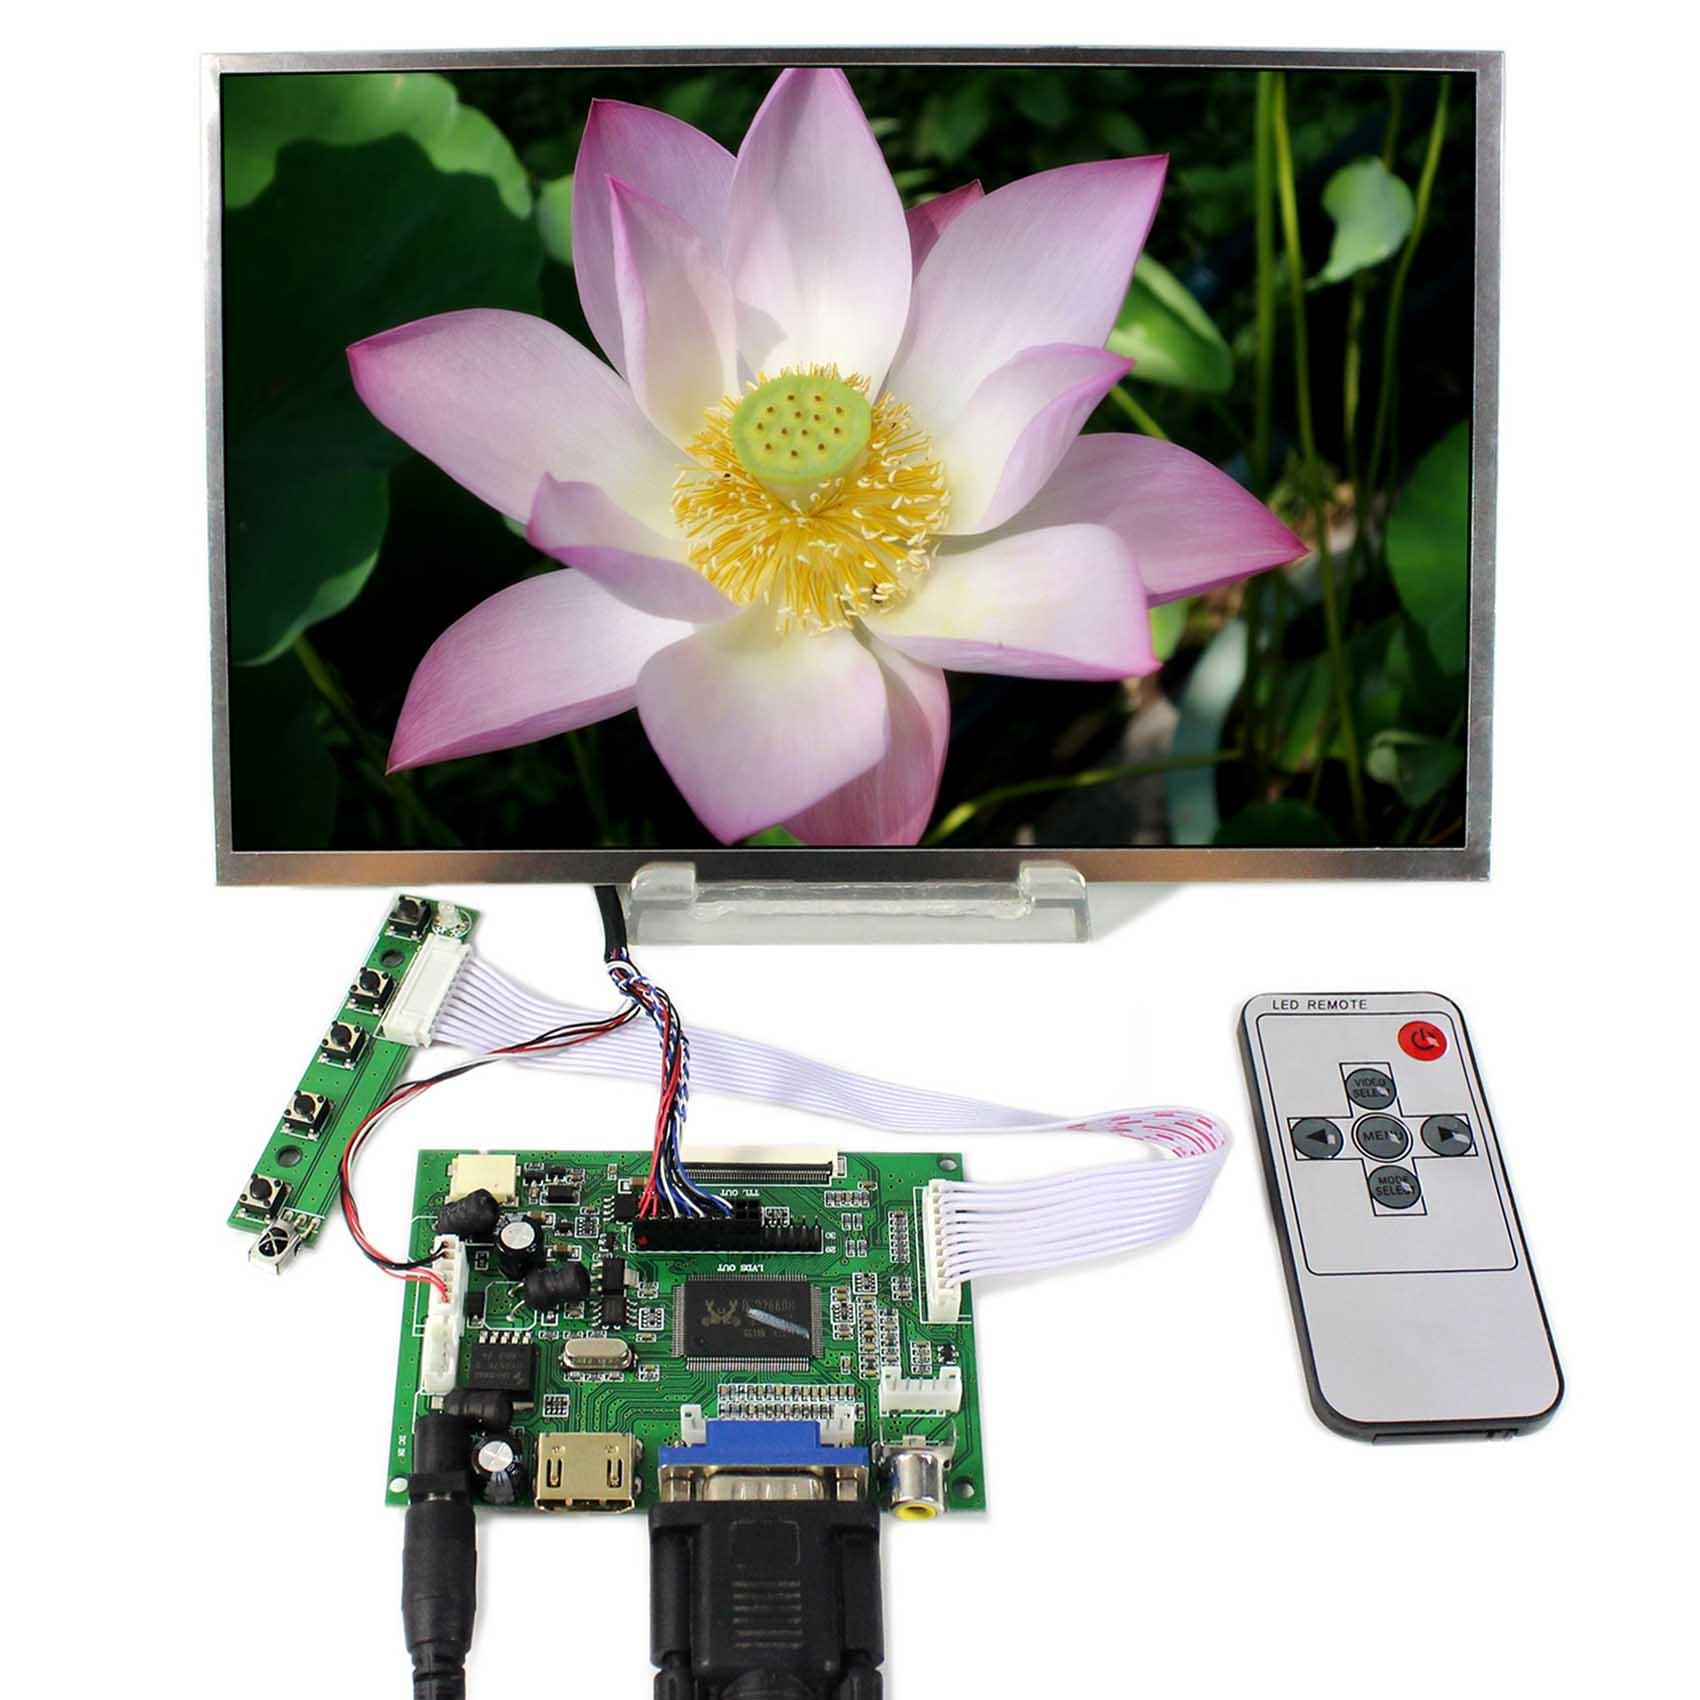 HDMI VGA 2AV LCD denetleyici kurulu ile 10.1 B101EW05 LP101WX1-SLP2 1280x800 LCD ekranHDMI VGA 2AV LCD denetleyici kurulu ile 10.1 B101EW05 LP101WX1-SLP2 1280x800 LCD ekran